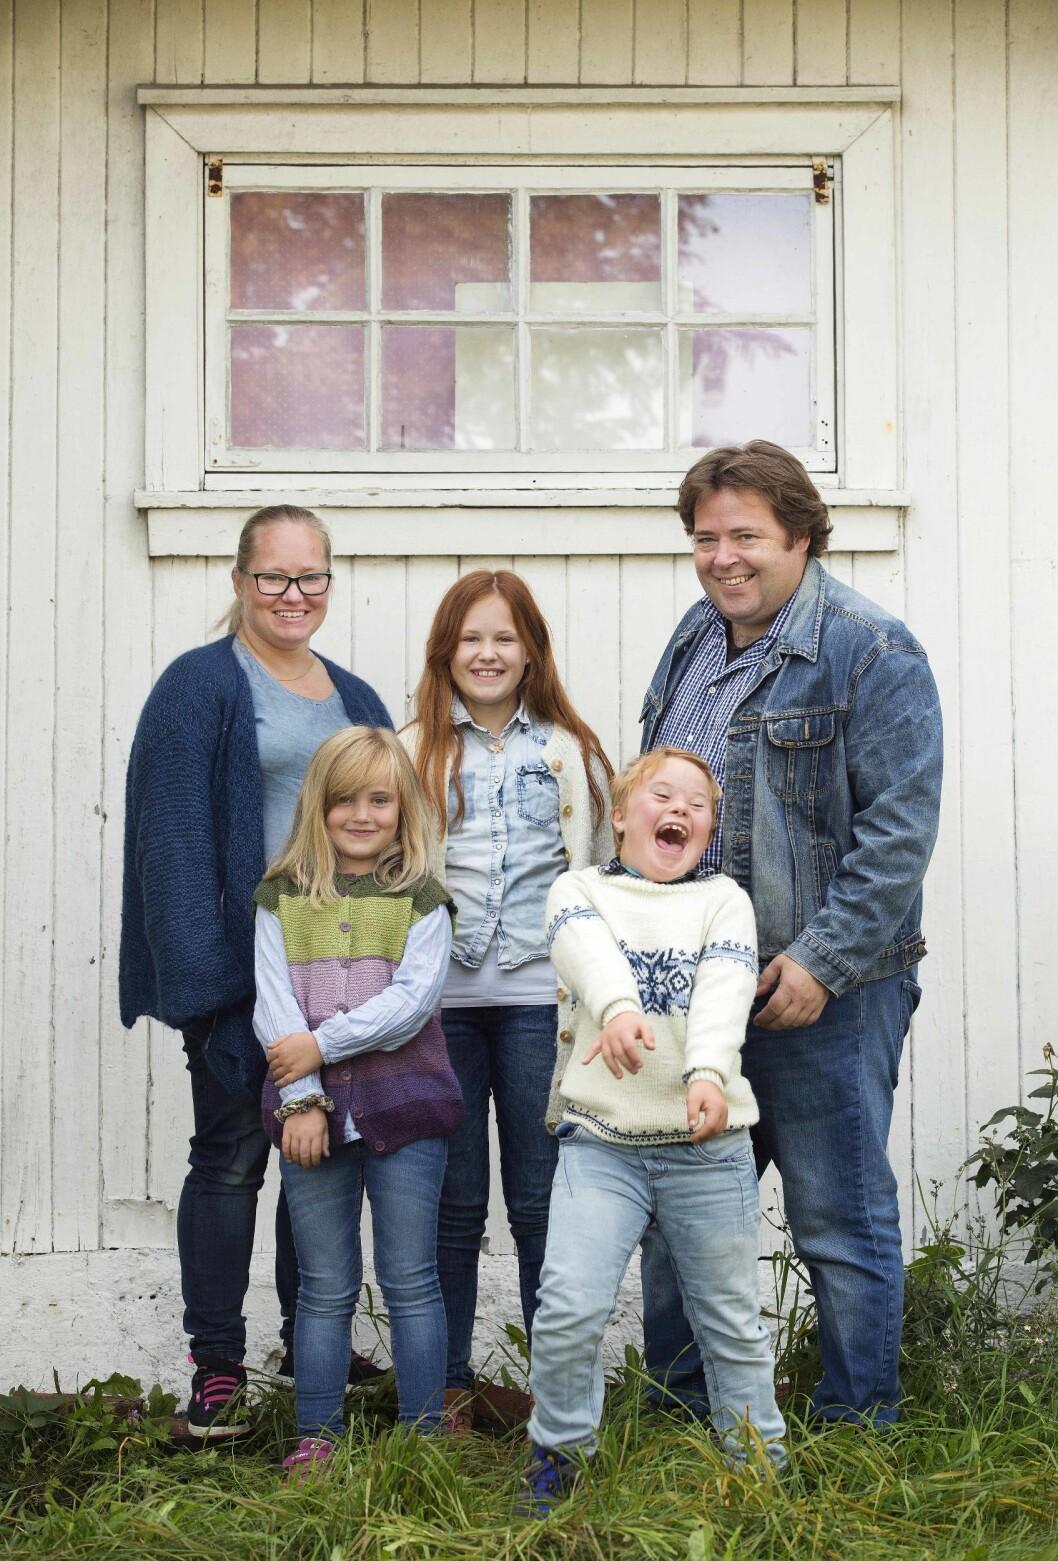 FAMILIE PÅ FEM: Både Jill og Ronnie var glade de fikk vite om Asks kromosomfeil på forhånd, så de var godt forberedt og tok imot ham med glede. Foto: Sverre Chr. Jarild